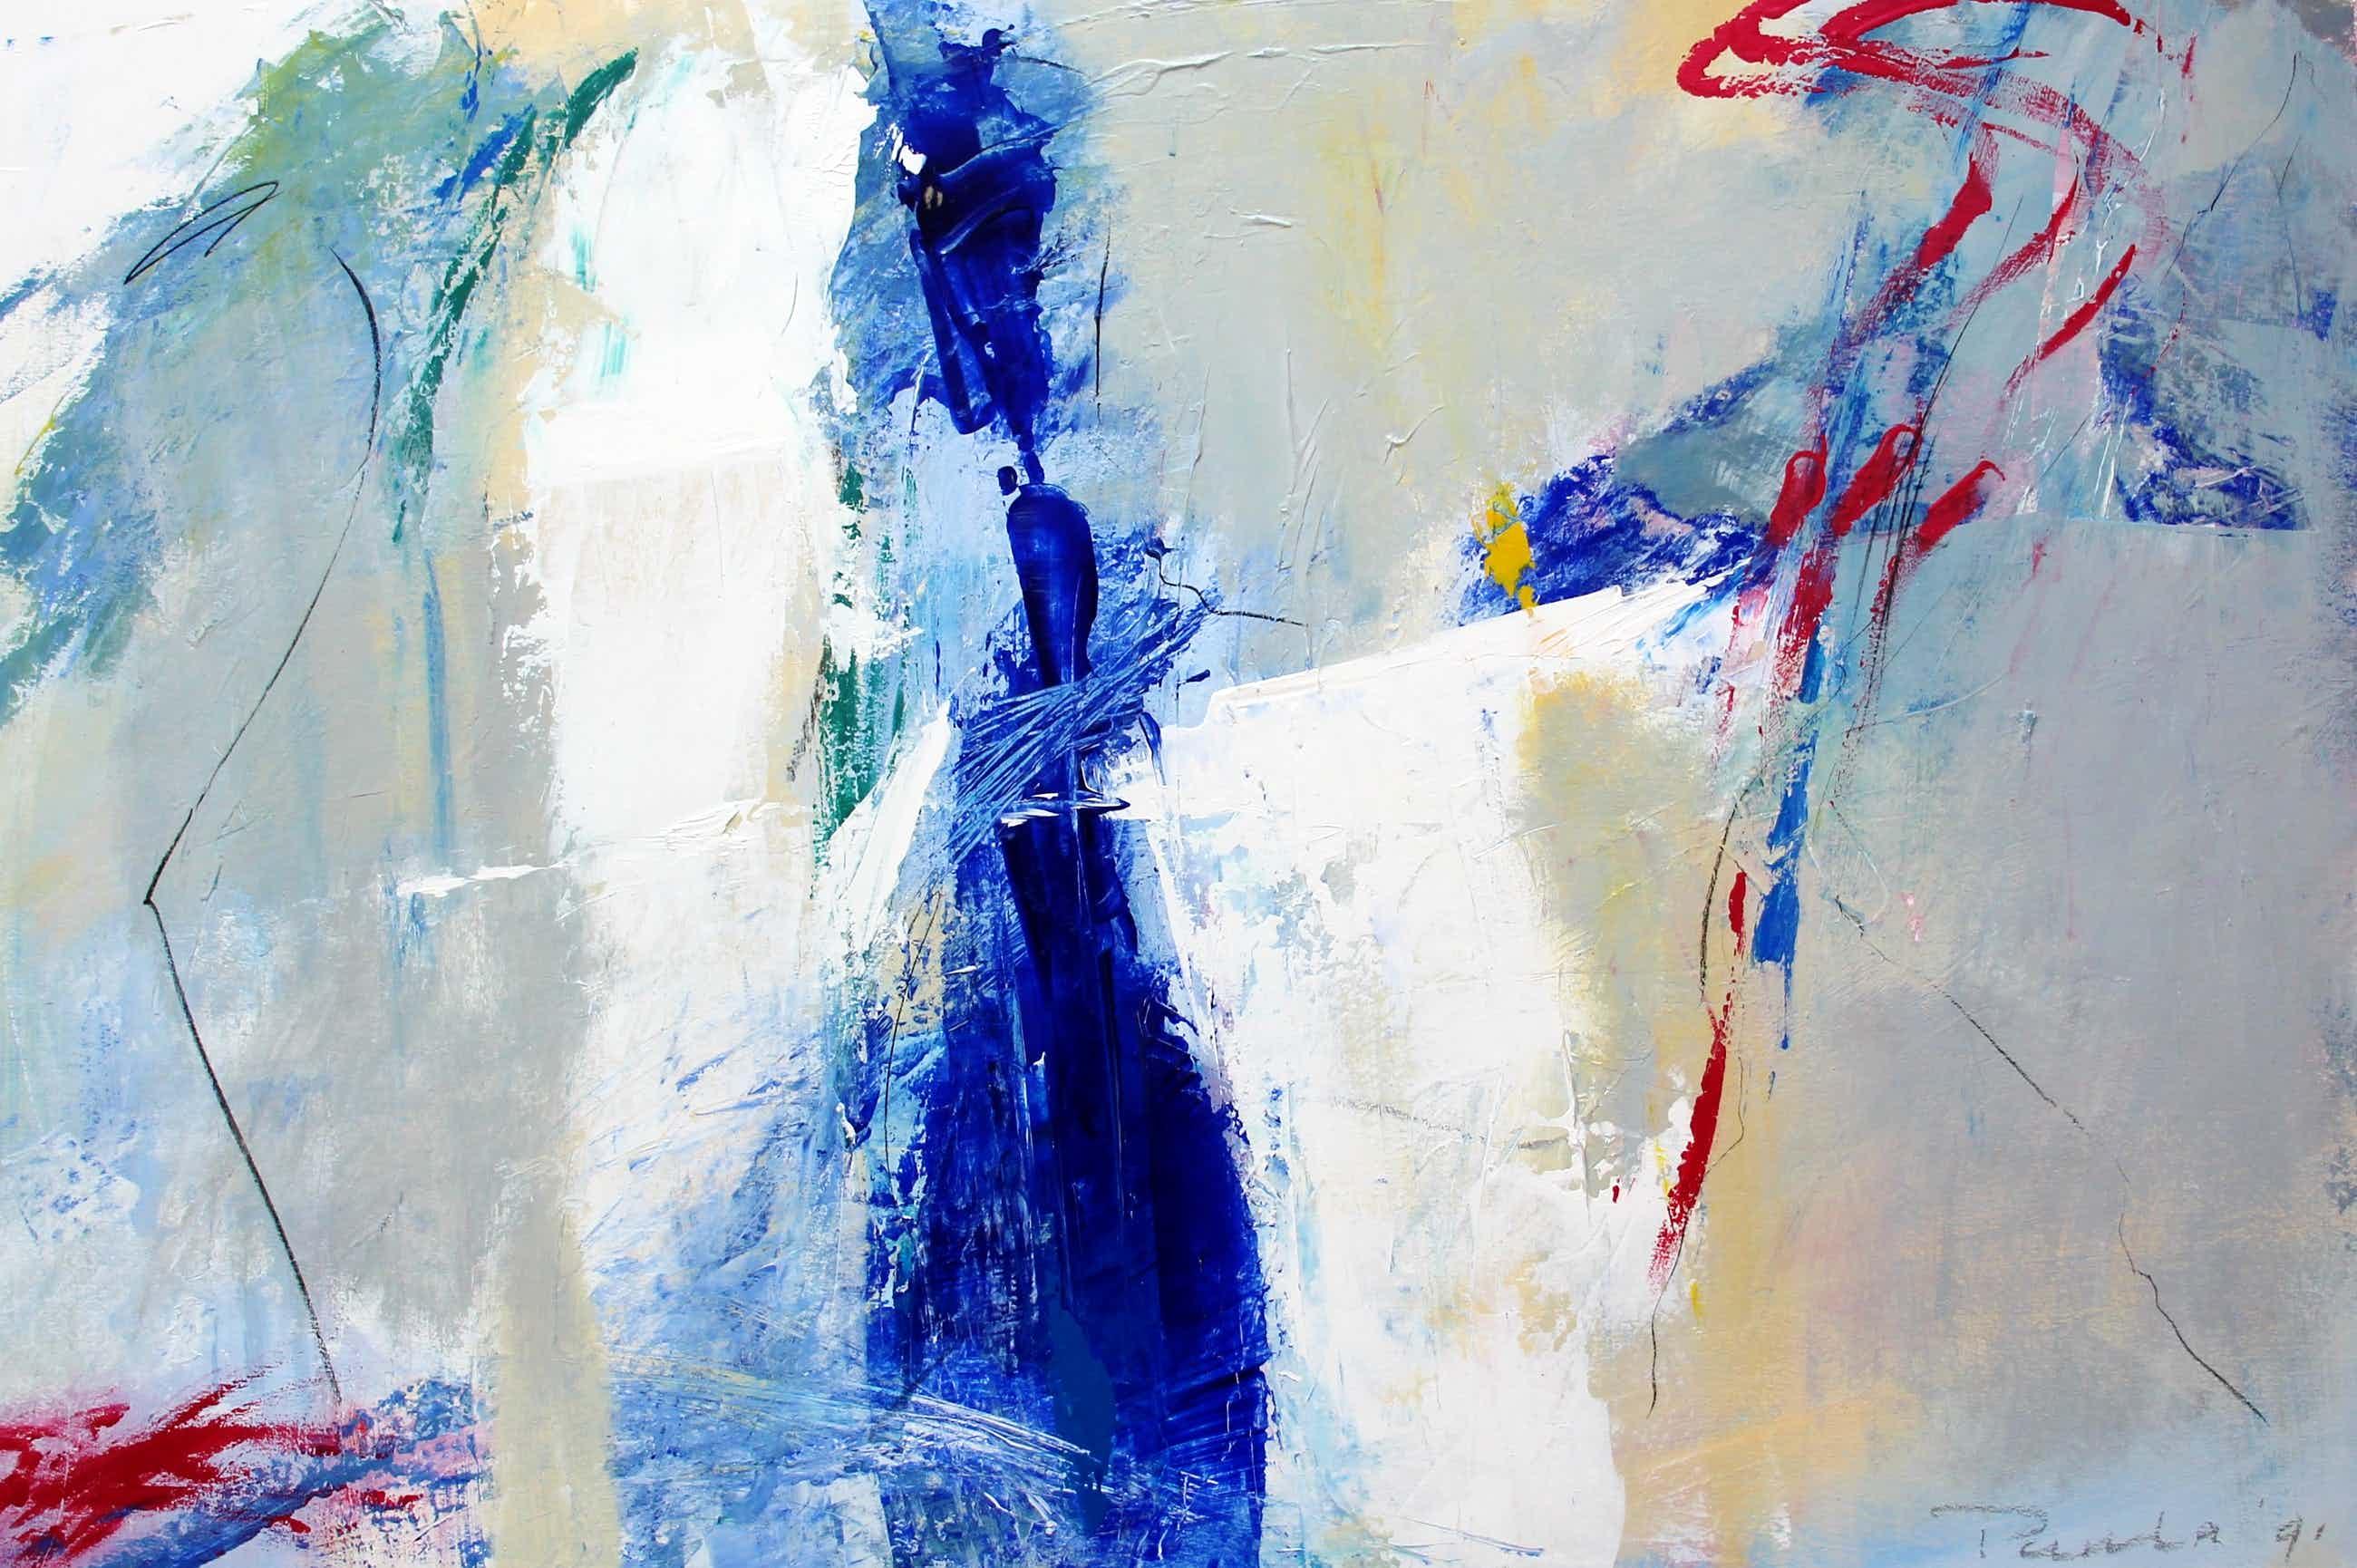 Paula Evers - Schilderij: acryl op papier - 1991 kopen? Bied vanaf 99!